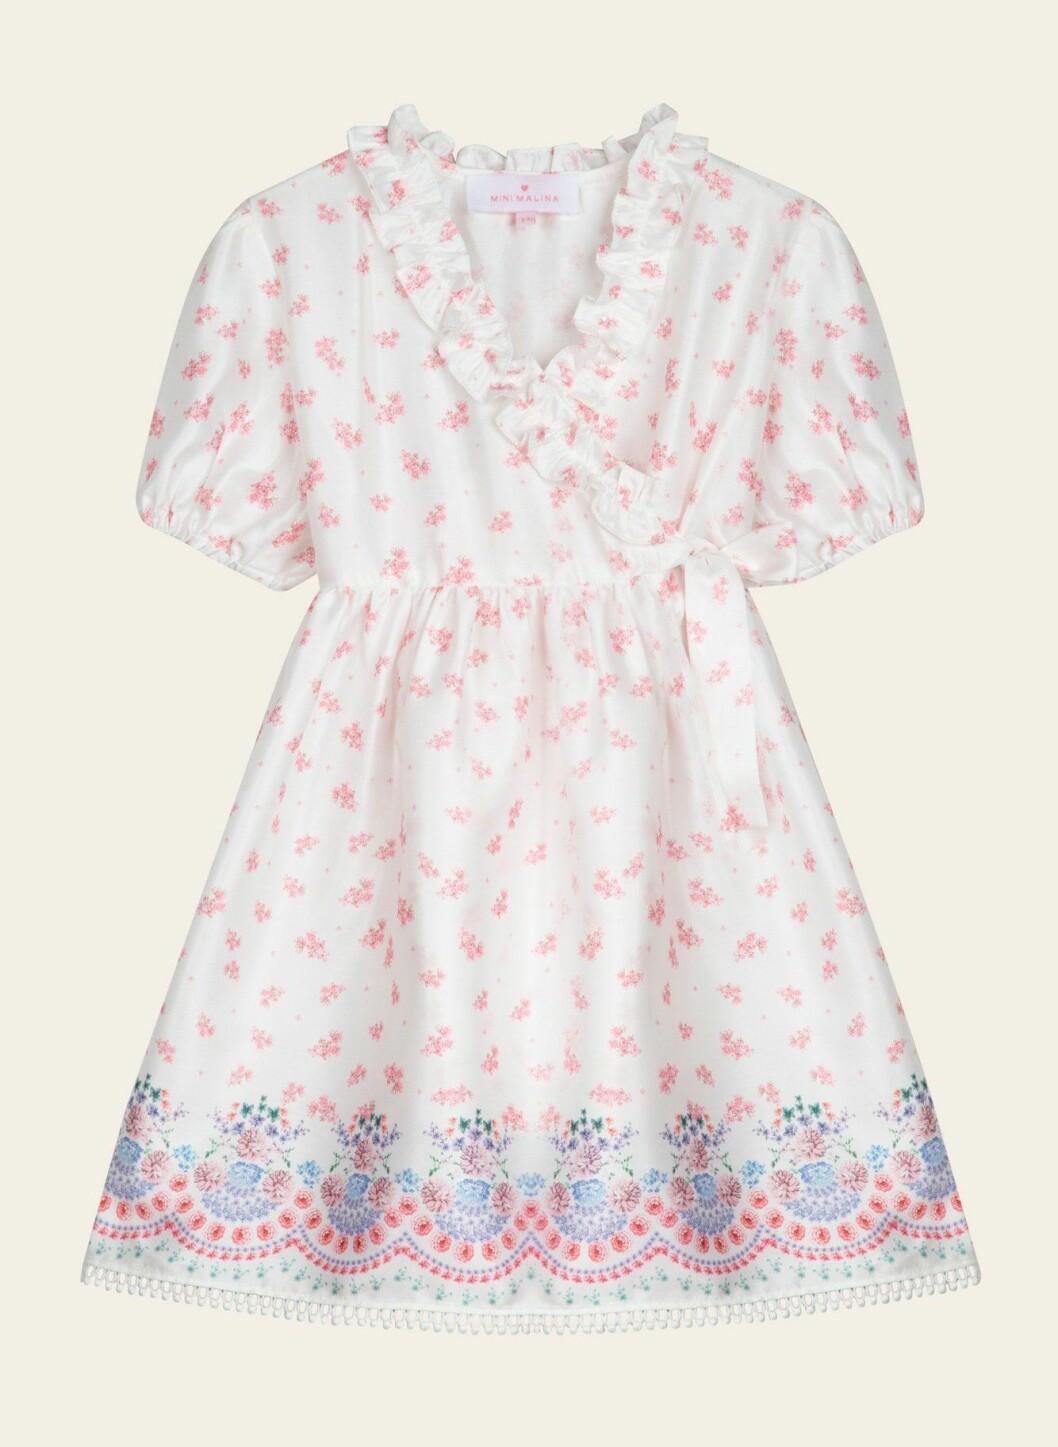 Mini Malina Collection: Blommig klänning för barn